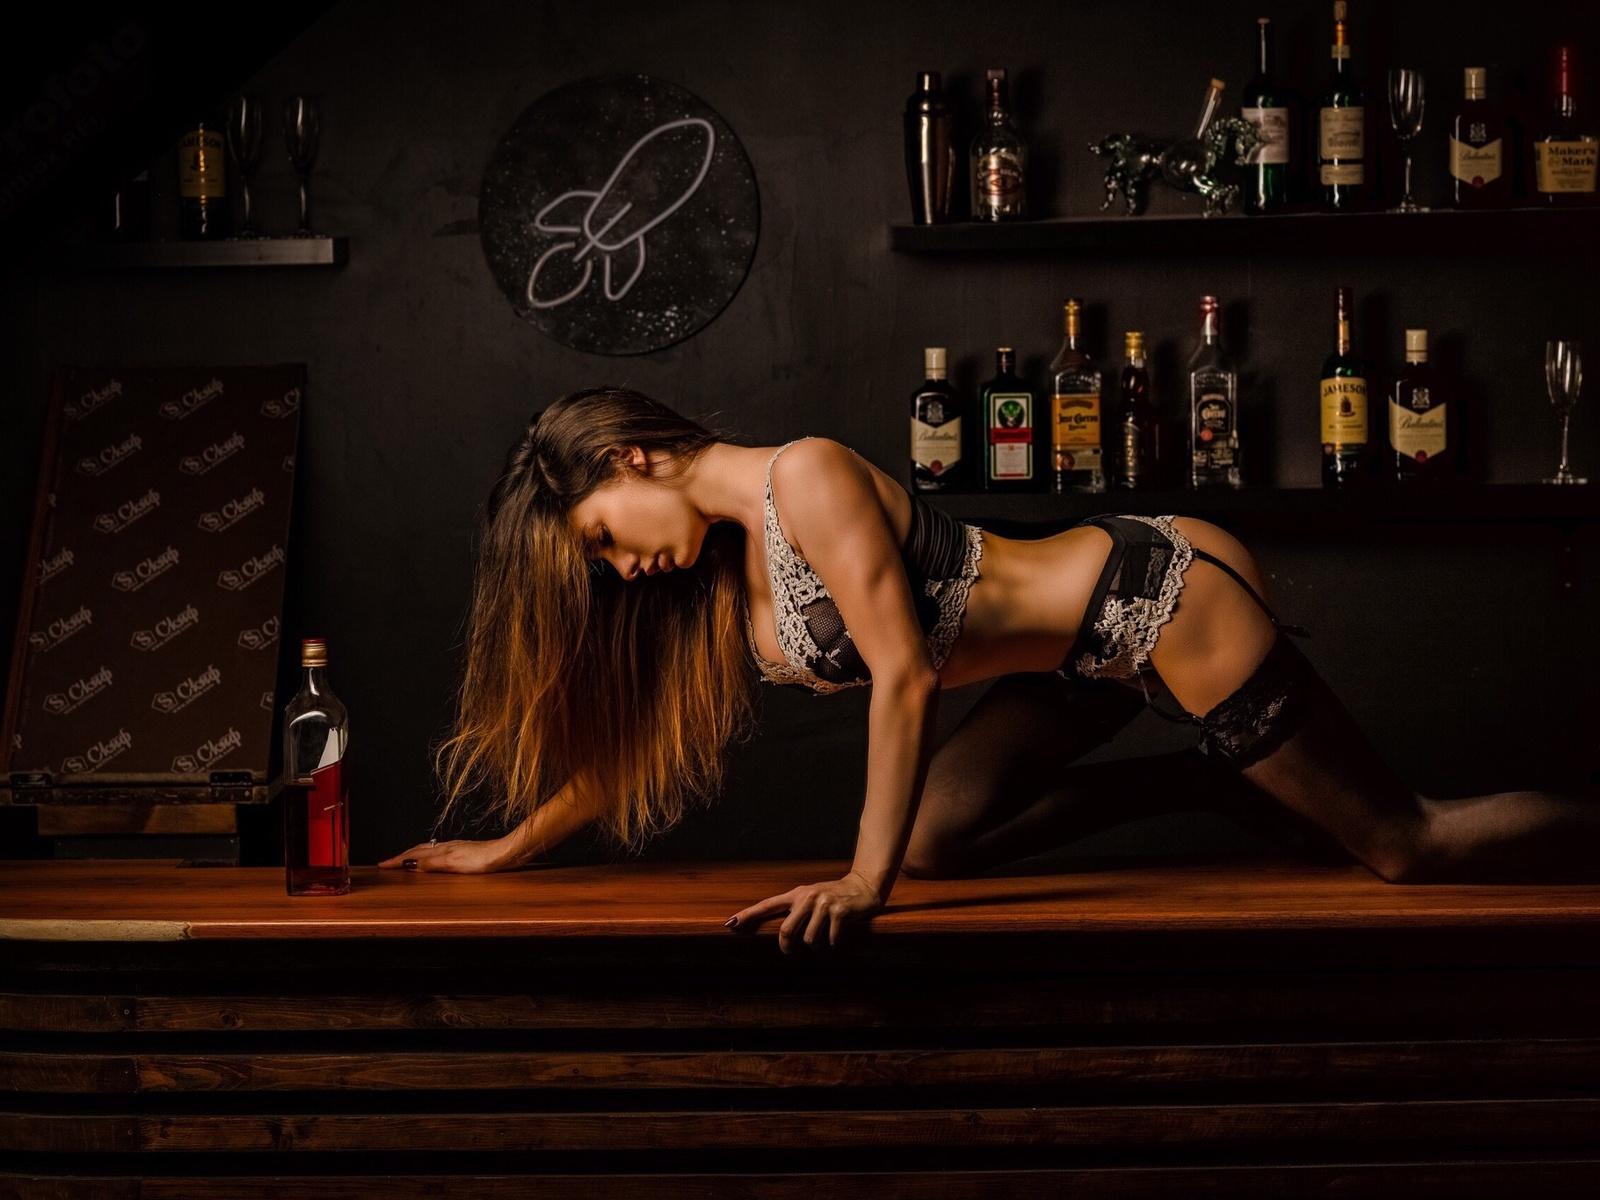 Днем, картинки с виски и девушкой